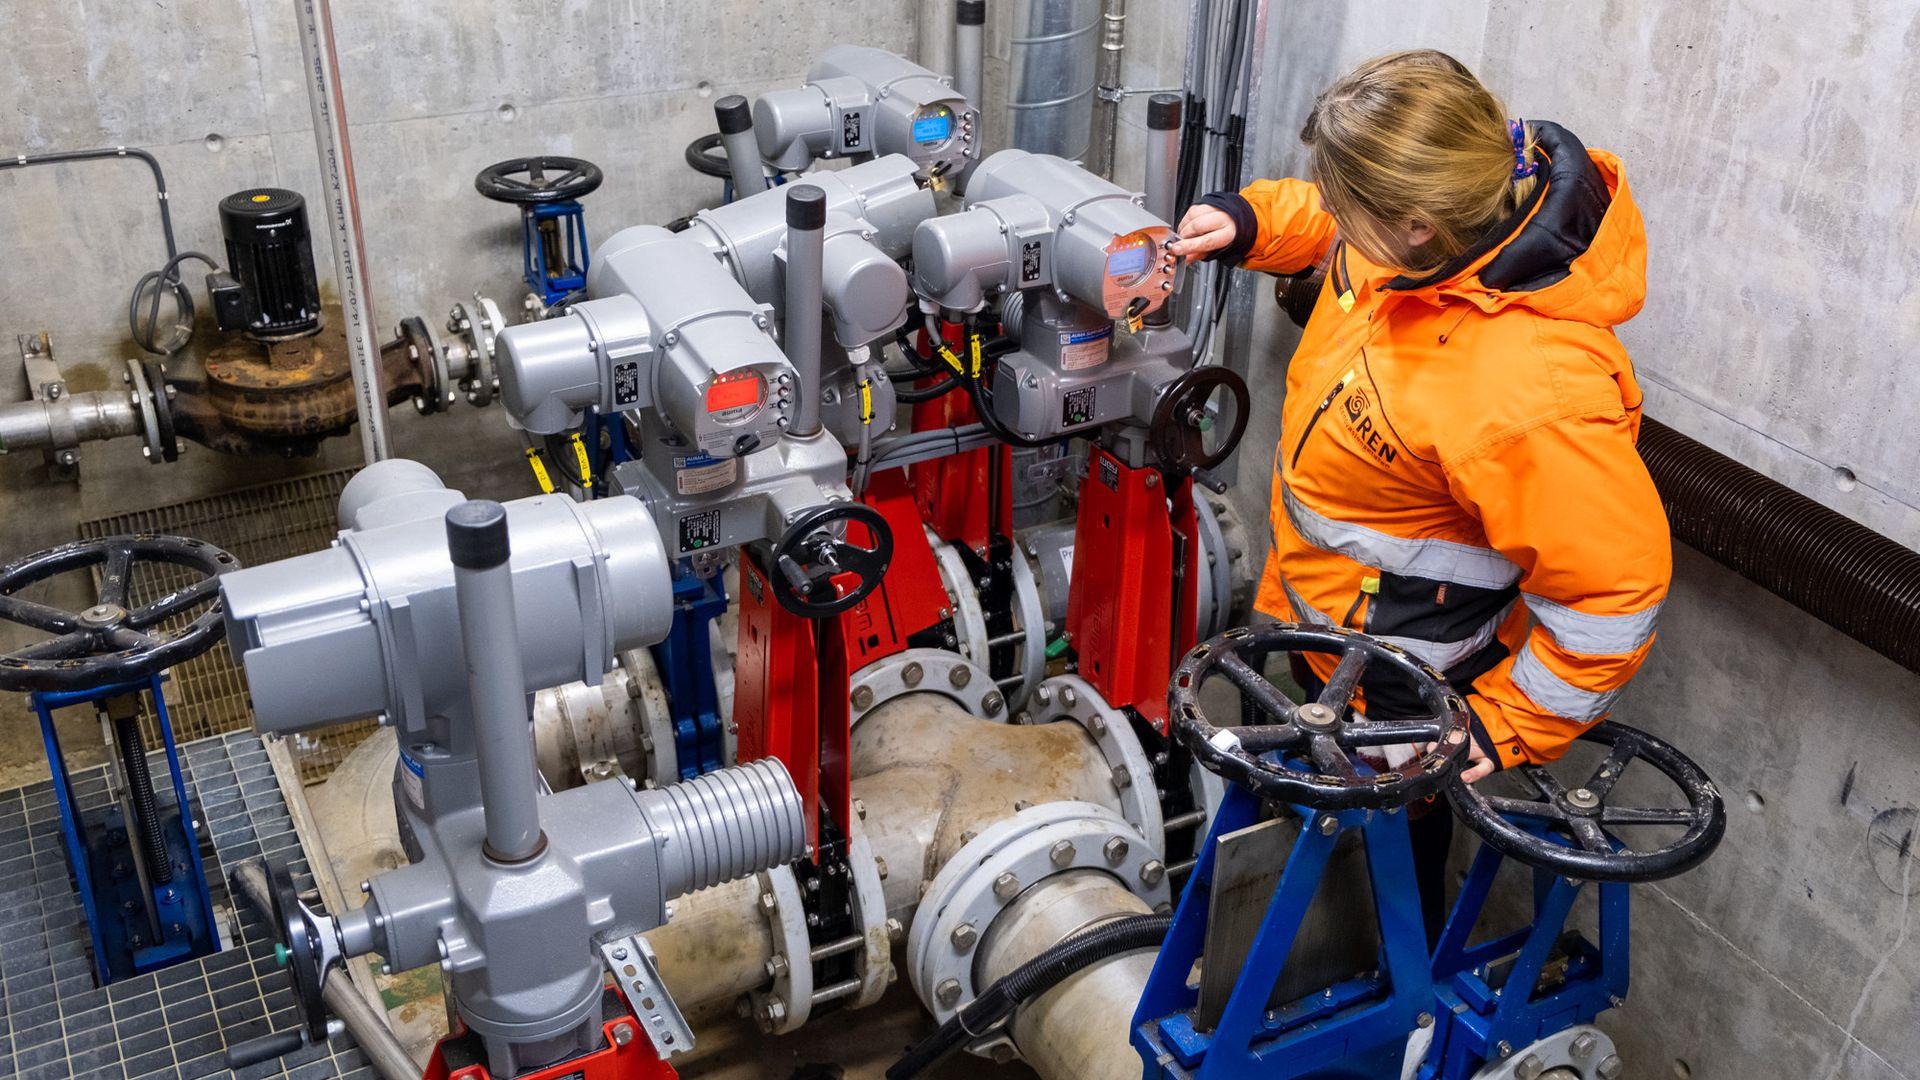 Gjennom rørene disse ventilene er koblet til strømmer det ca. 450 000 m3 sigevann årlig.